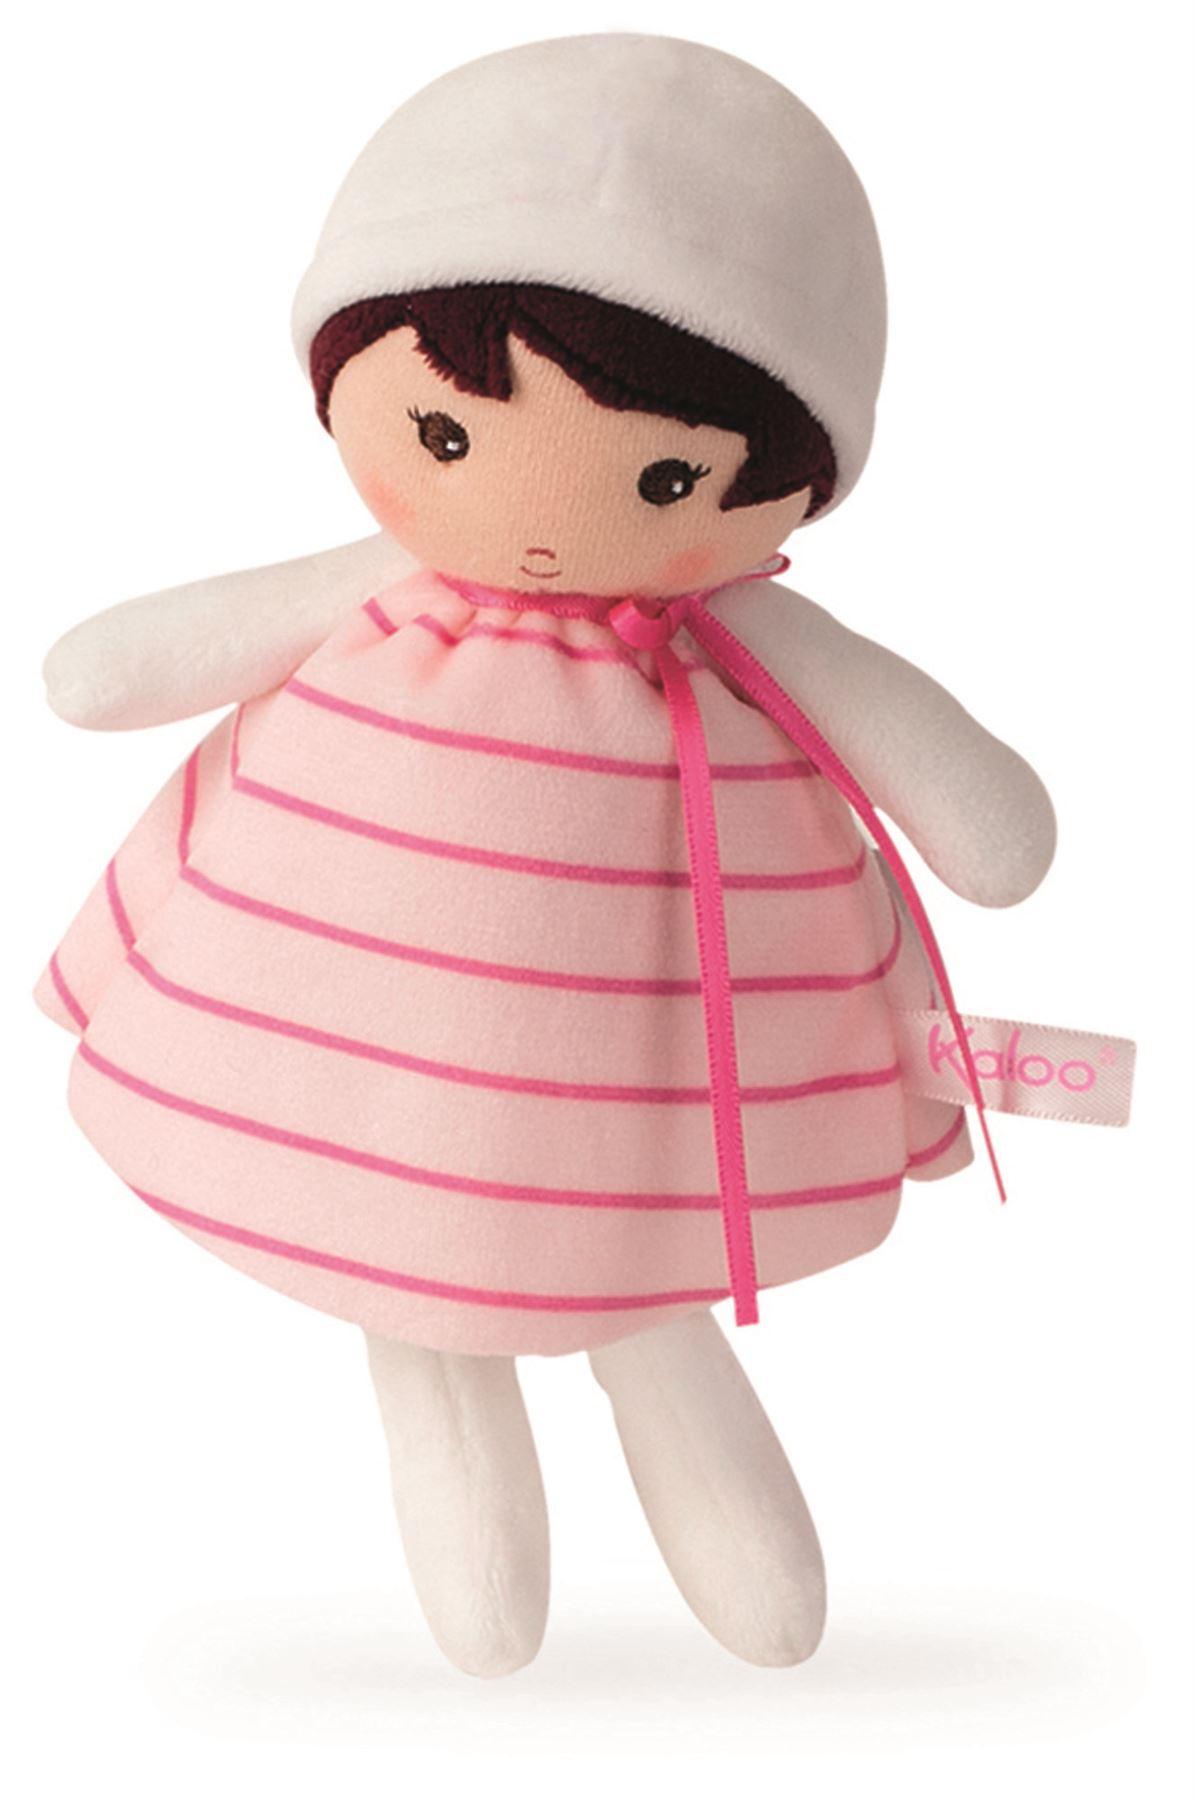 Kaloo AZURE K DOLL Puppen KLEIN Baby-Plüsch Aktivitäten Geschenk Neu